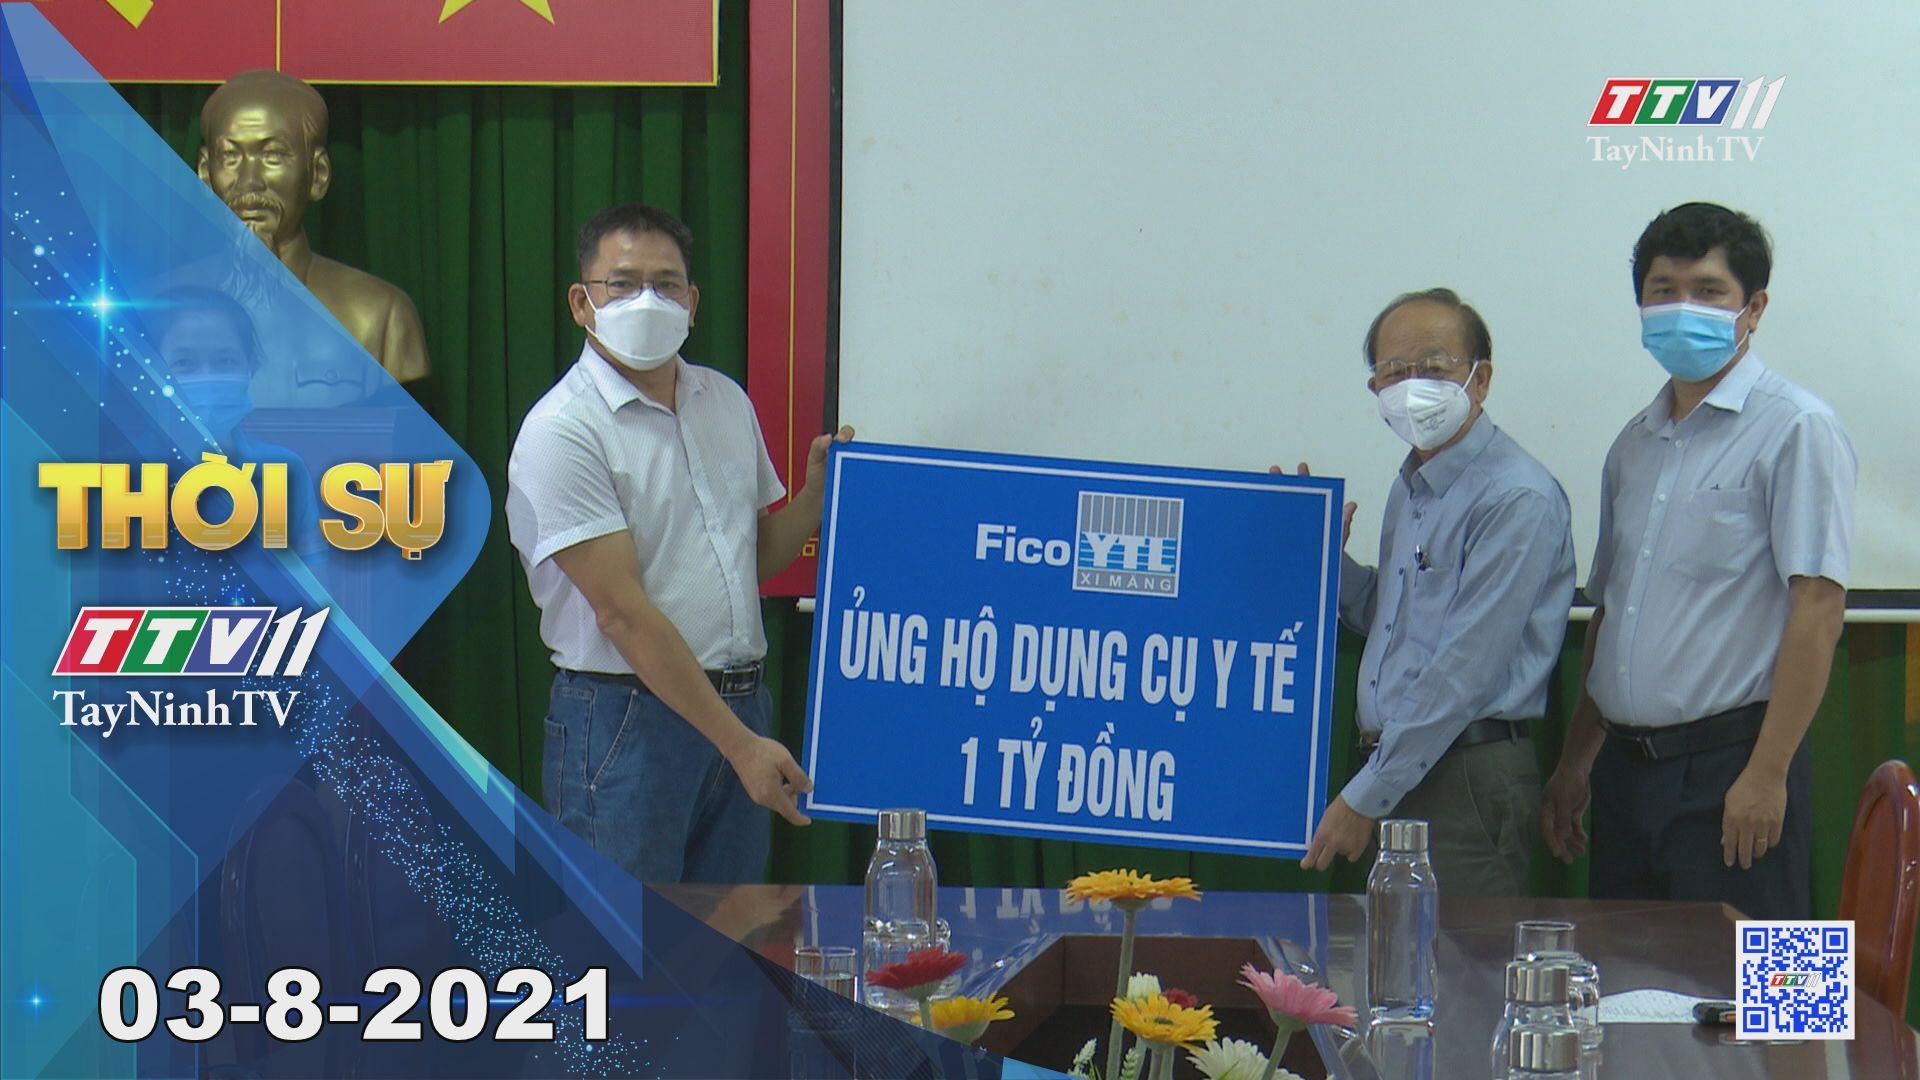 Thời sự Tây Ninh 03-8-2021 | Tin tức hôm nay | TayNinhTV